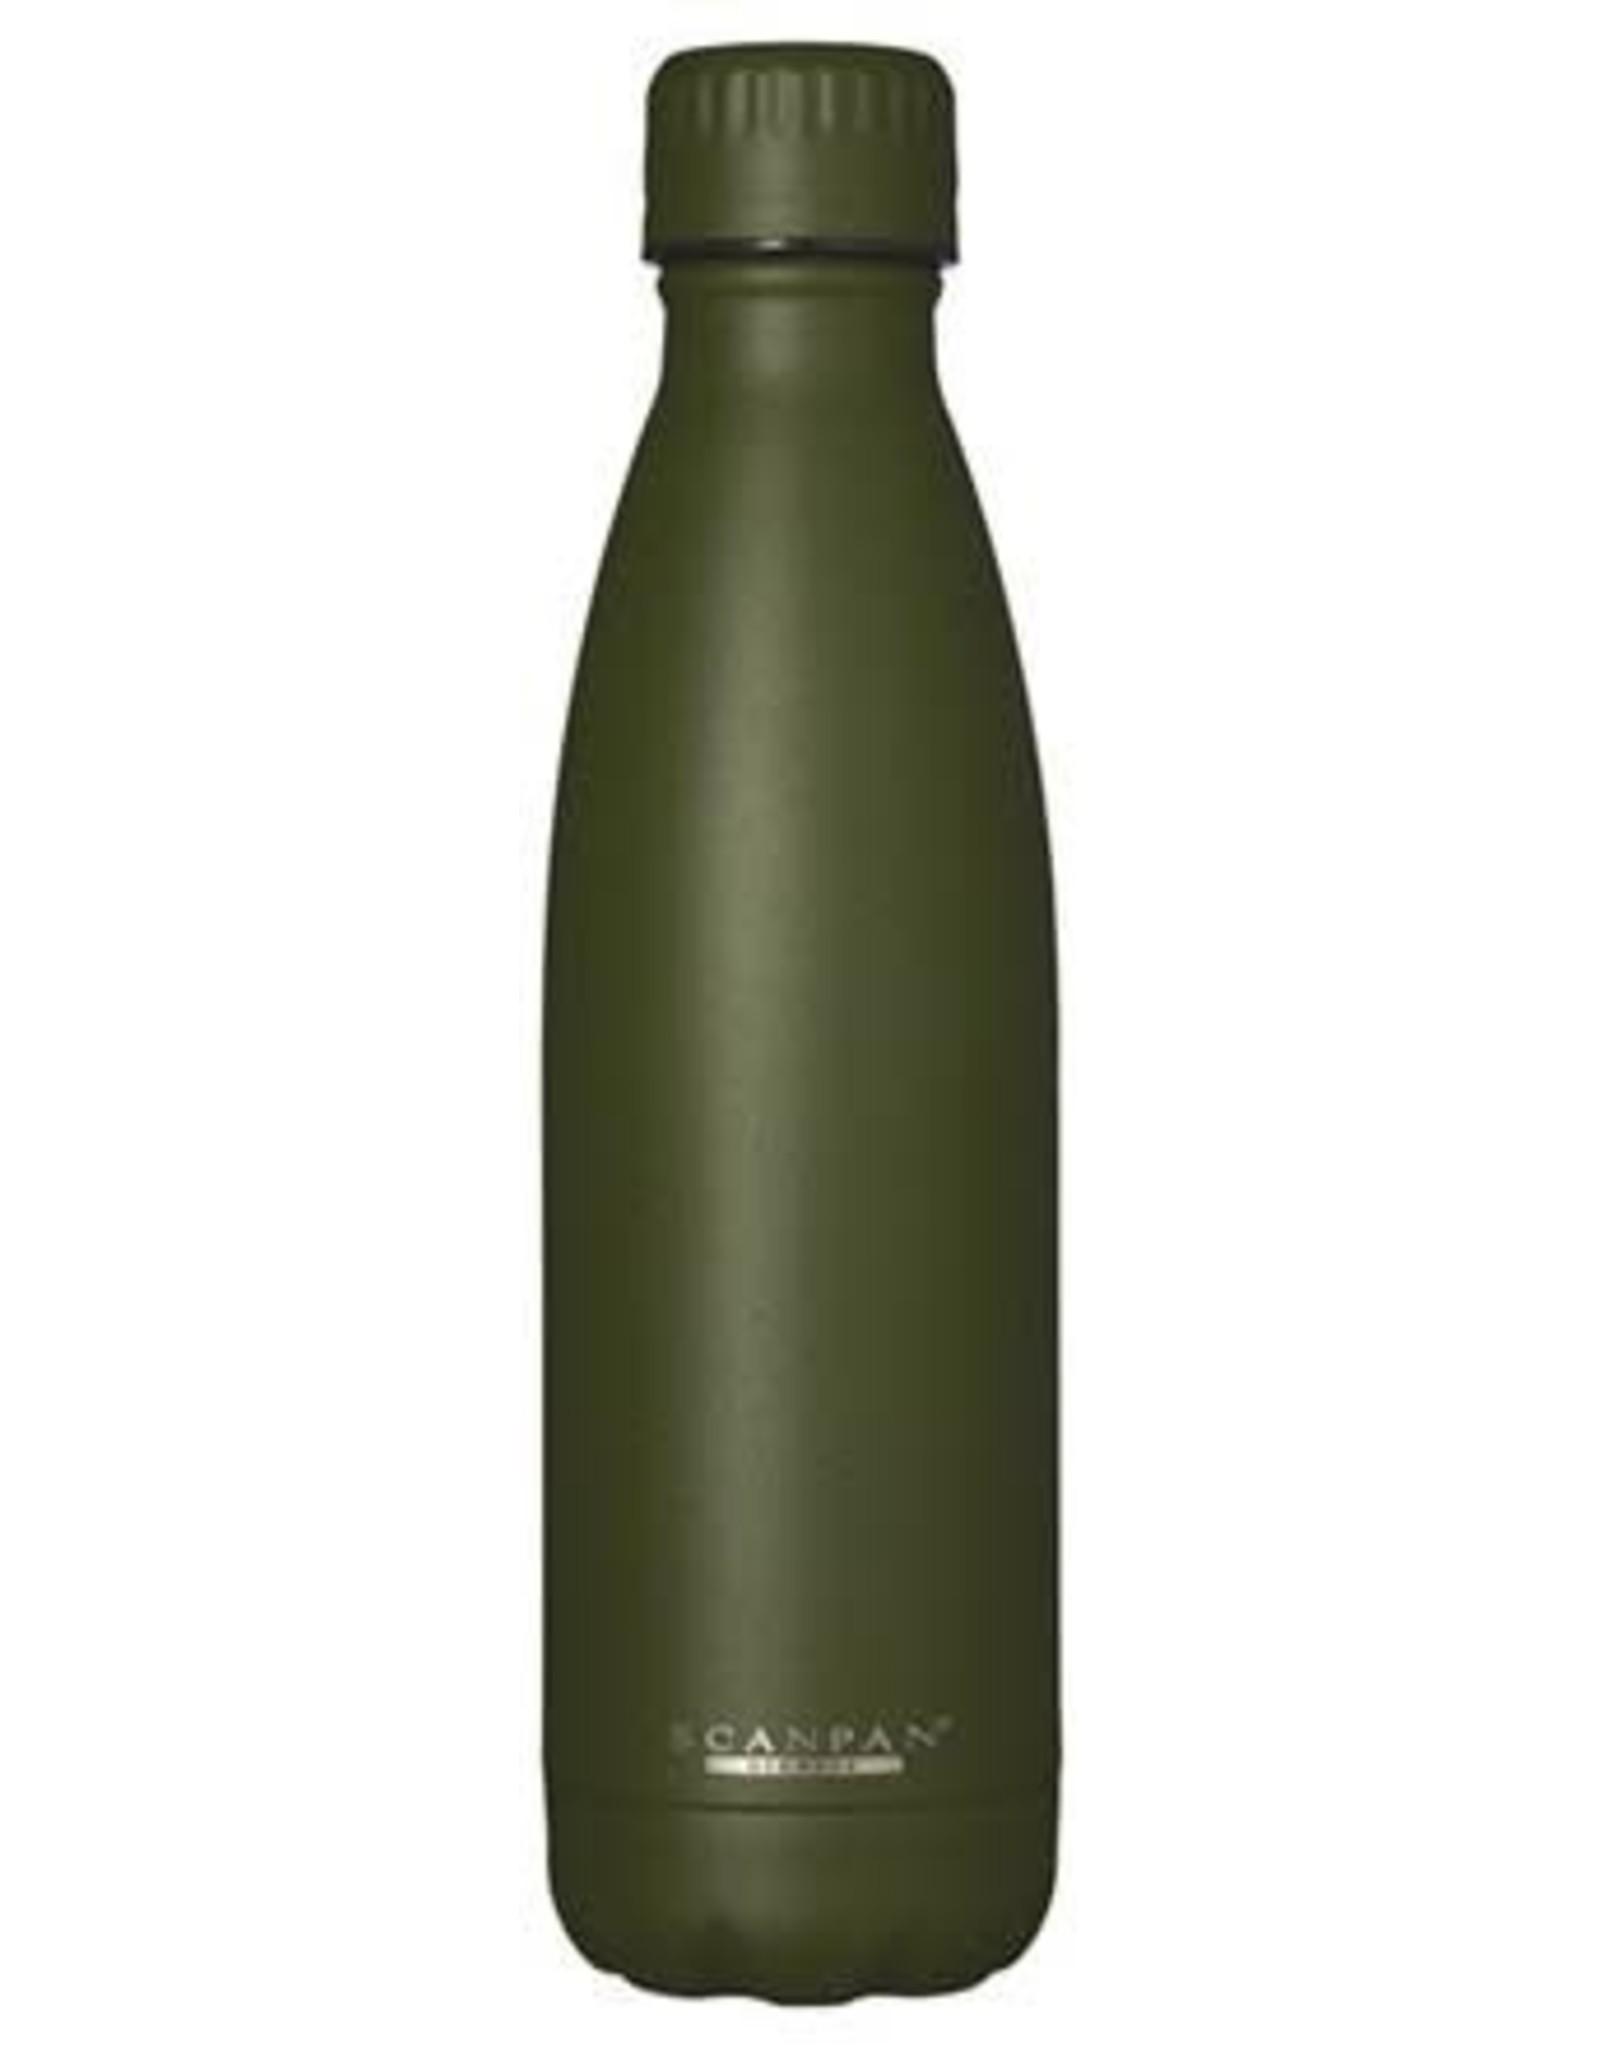 Scanpan Scanpan. 500 ml thermofles, Jungle green - TO GO